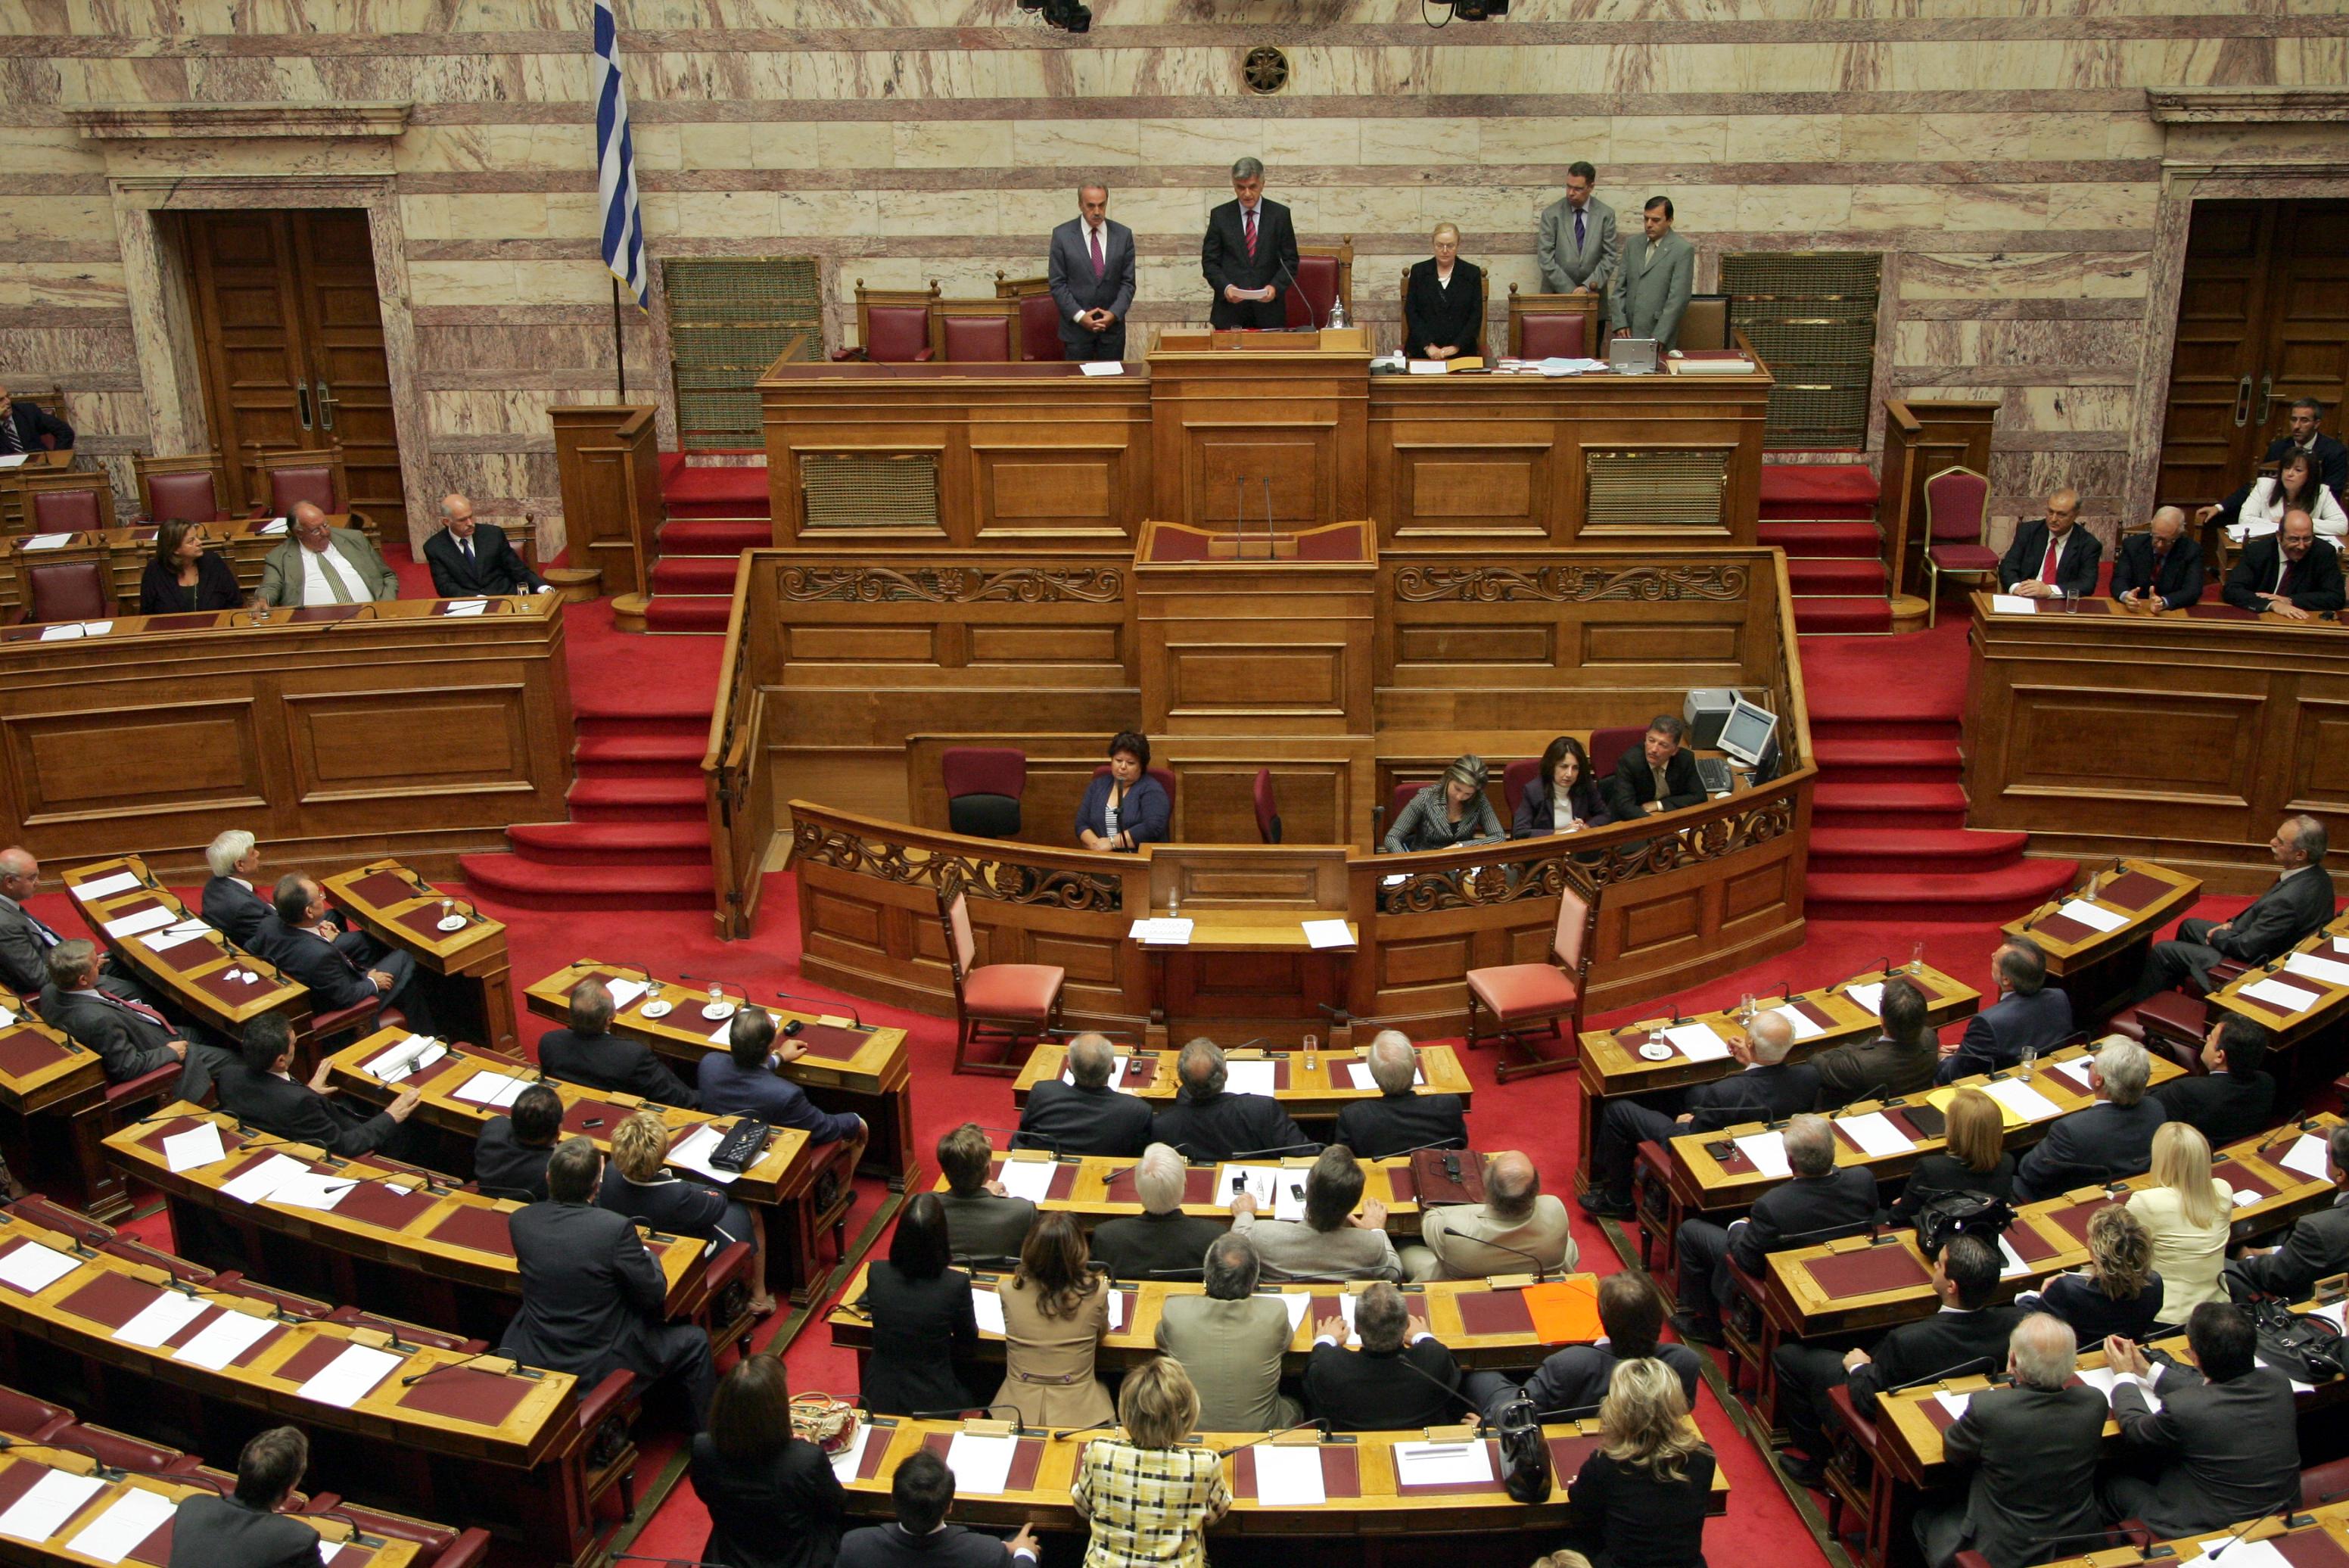 Στην Ελβετία η εξουσιοδότηση για τους λογαριασμούς ελλήνων βουλευτών | tovima.gr